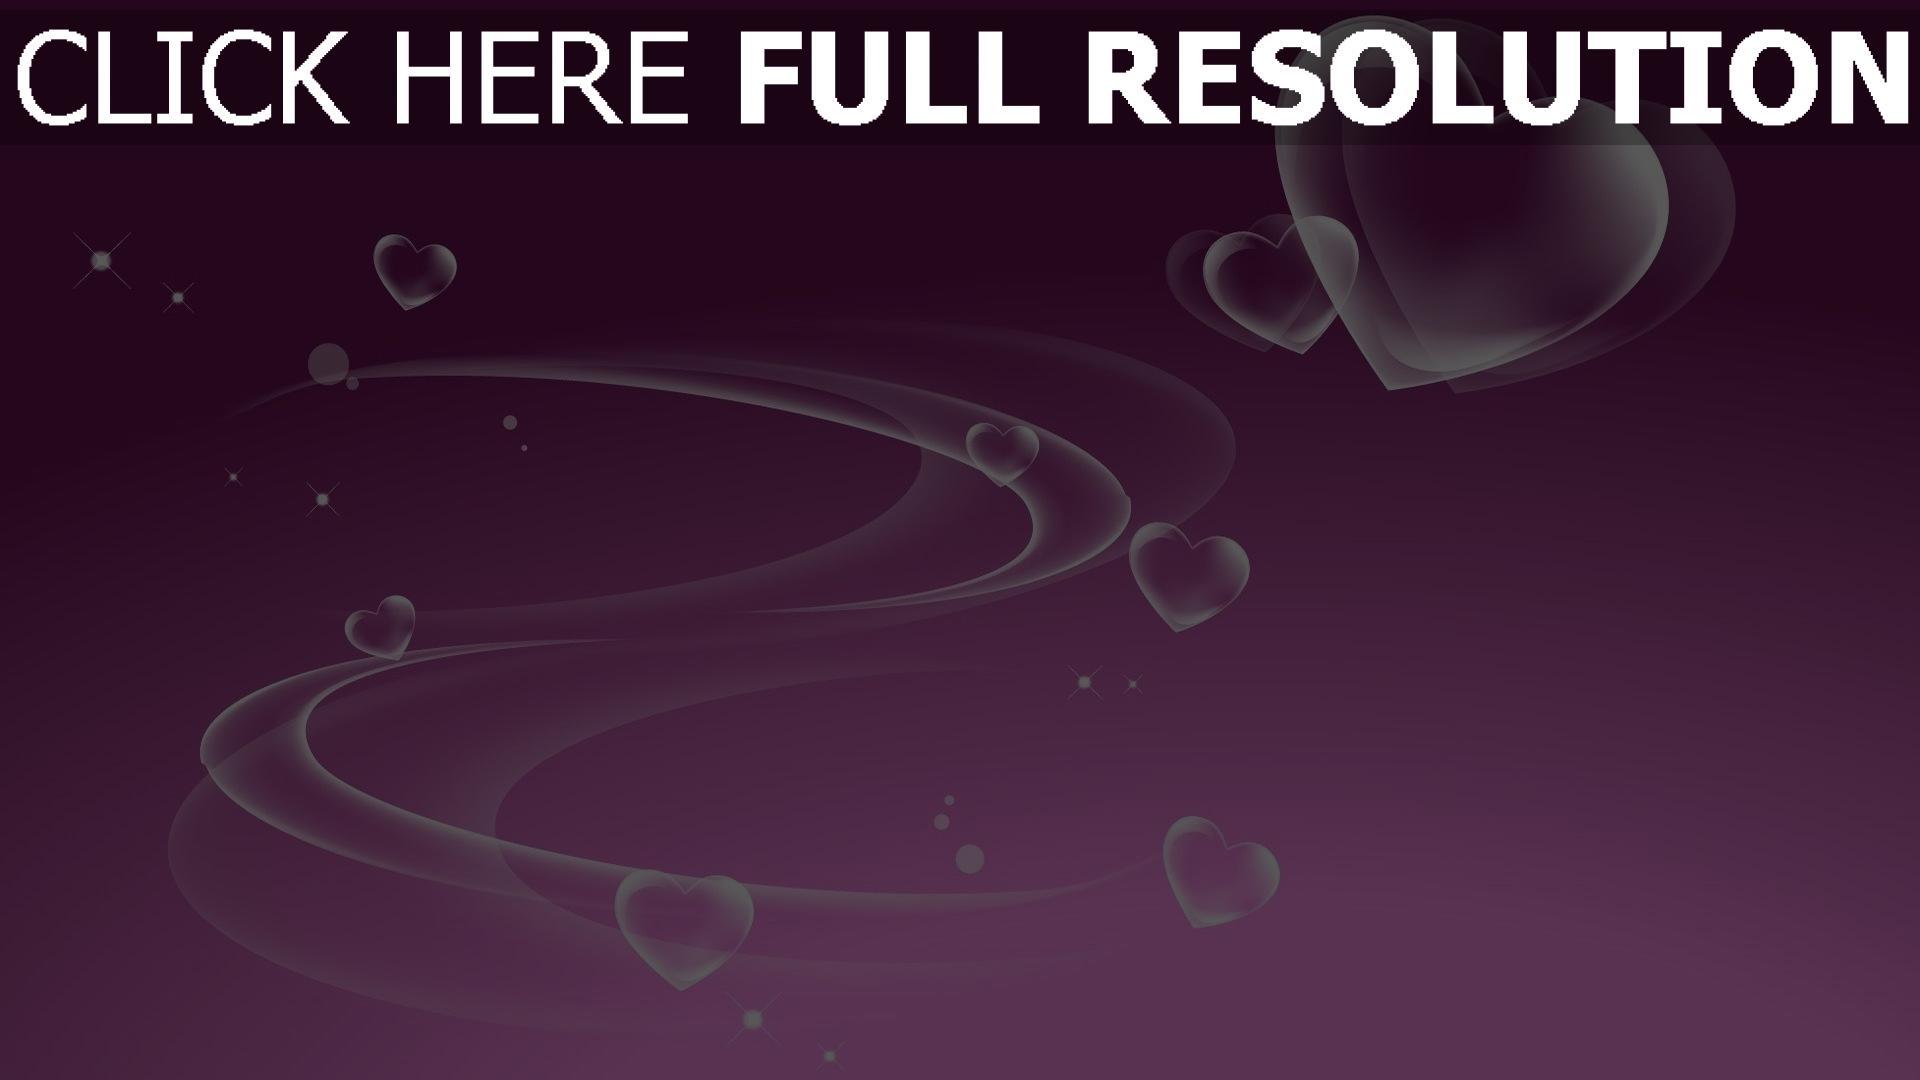 Hd Hintergrundbilder Valentinstag Romanze Herz Violett Desktop